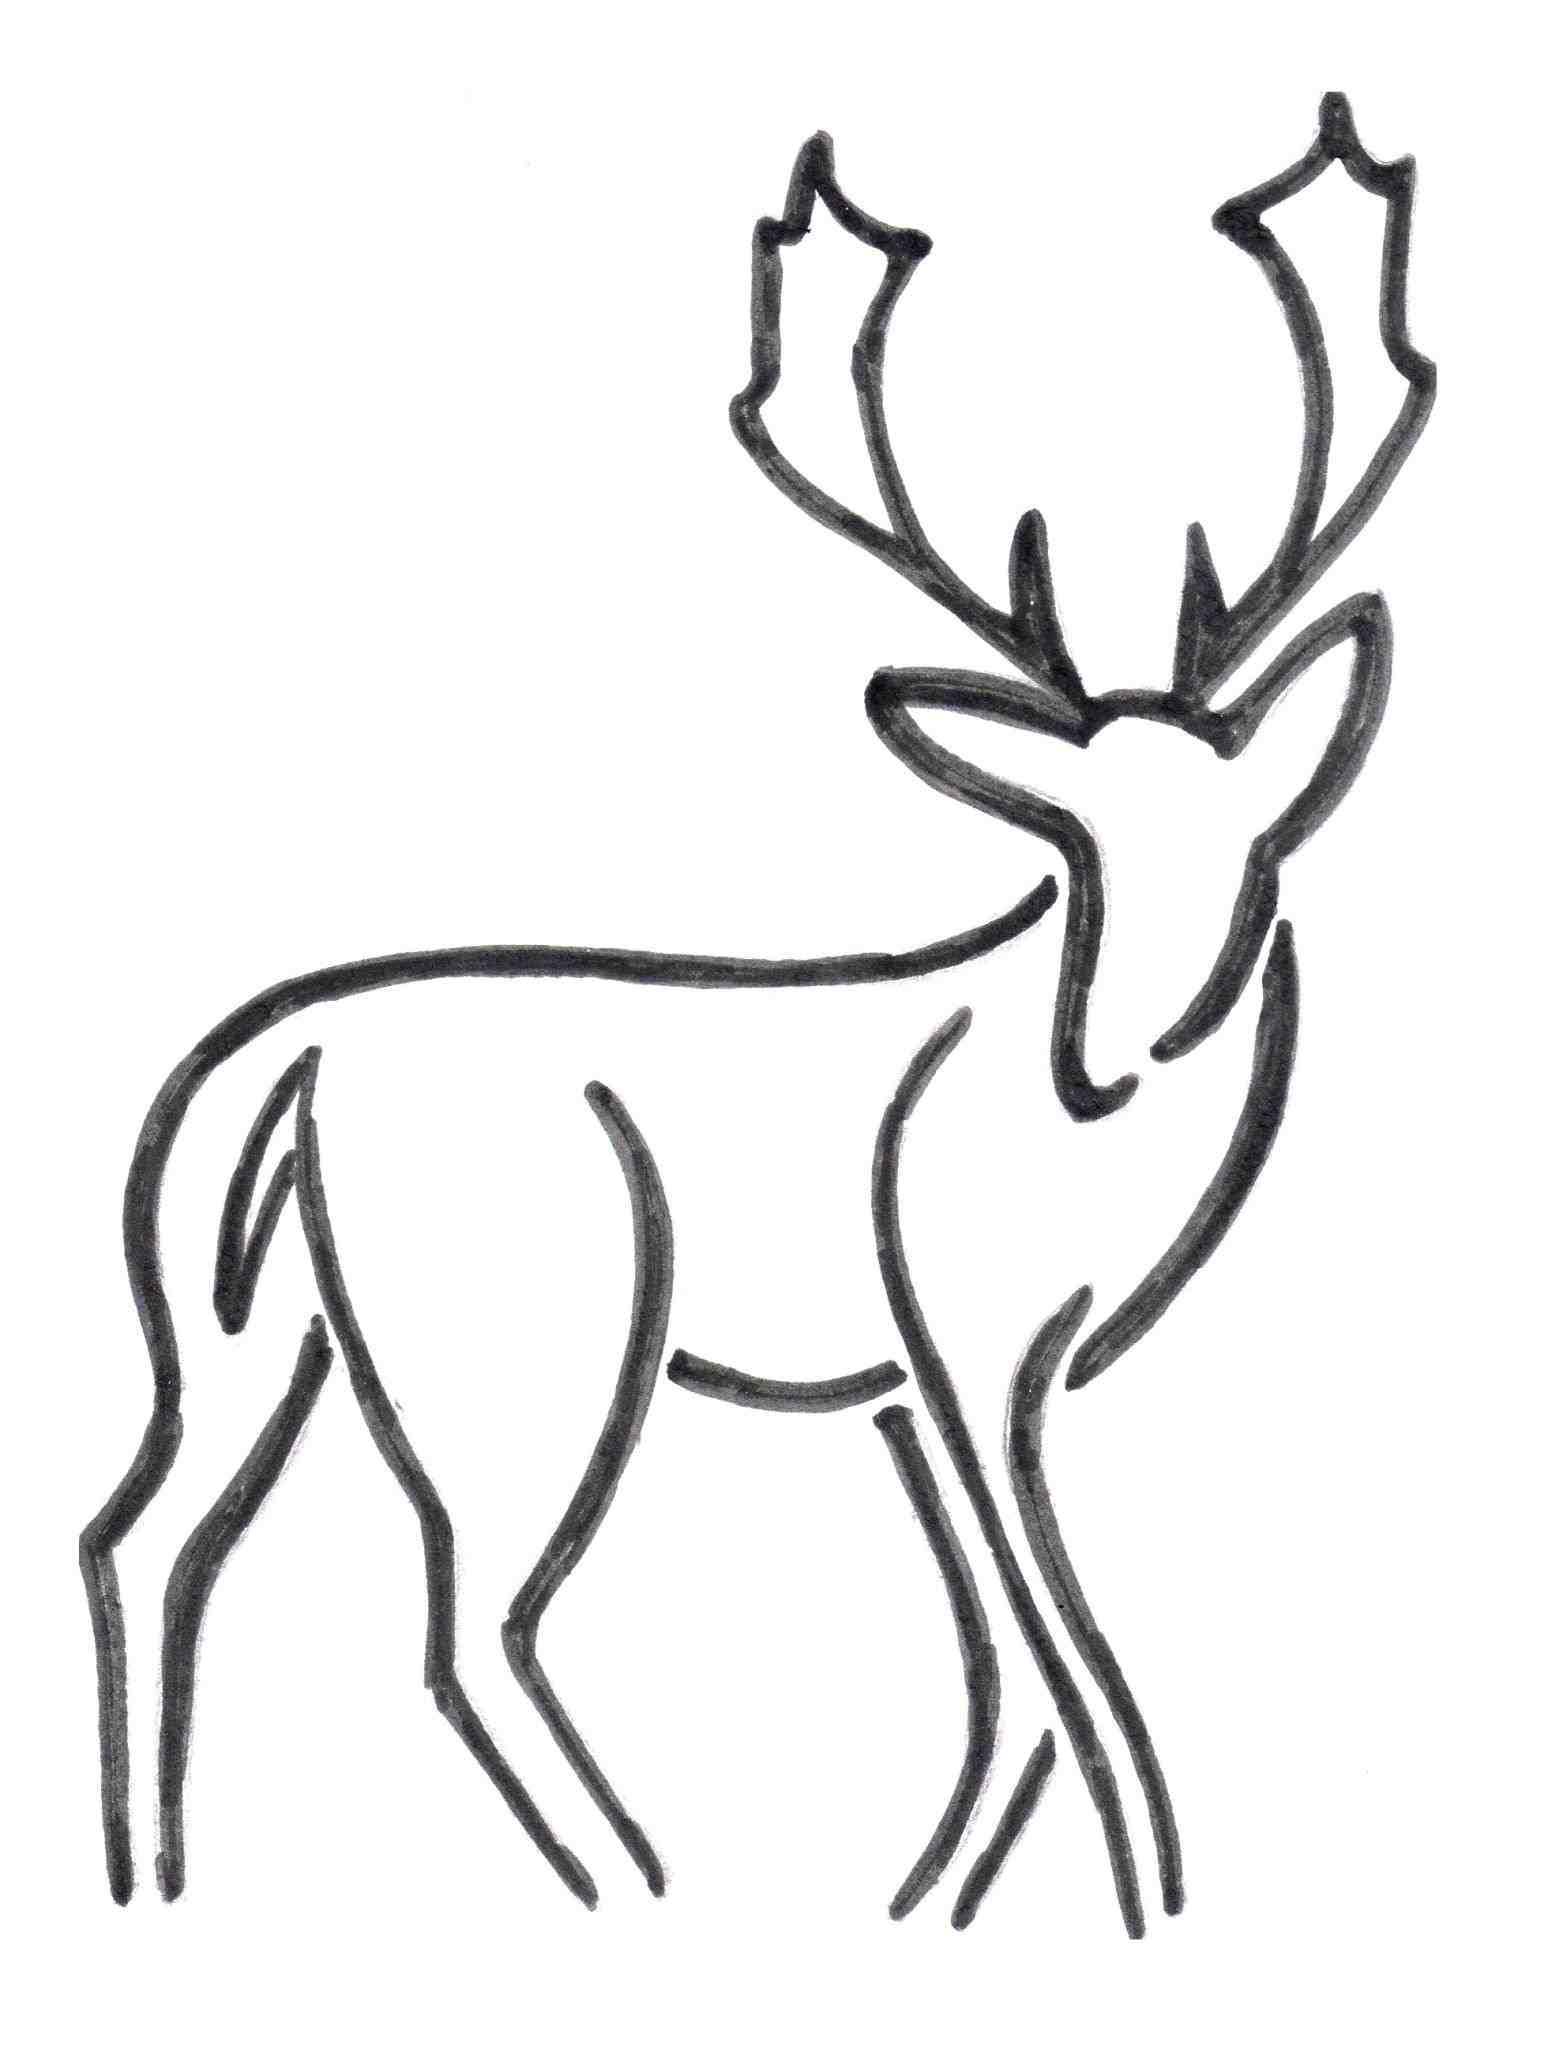 1548x2054 Drawings Of Deer Antlers